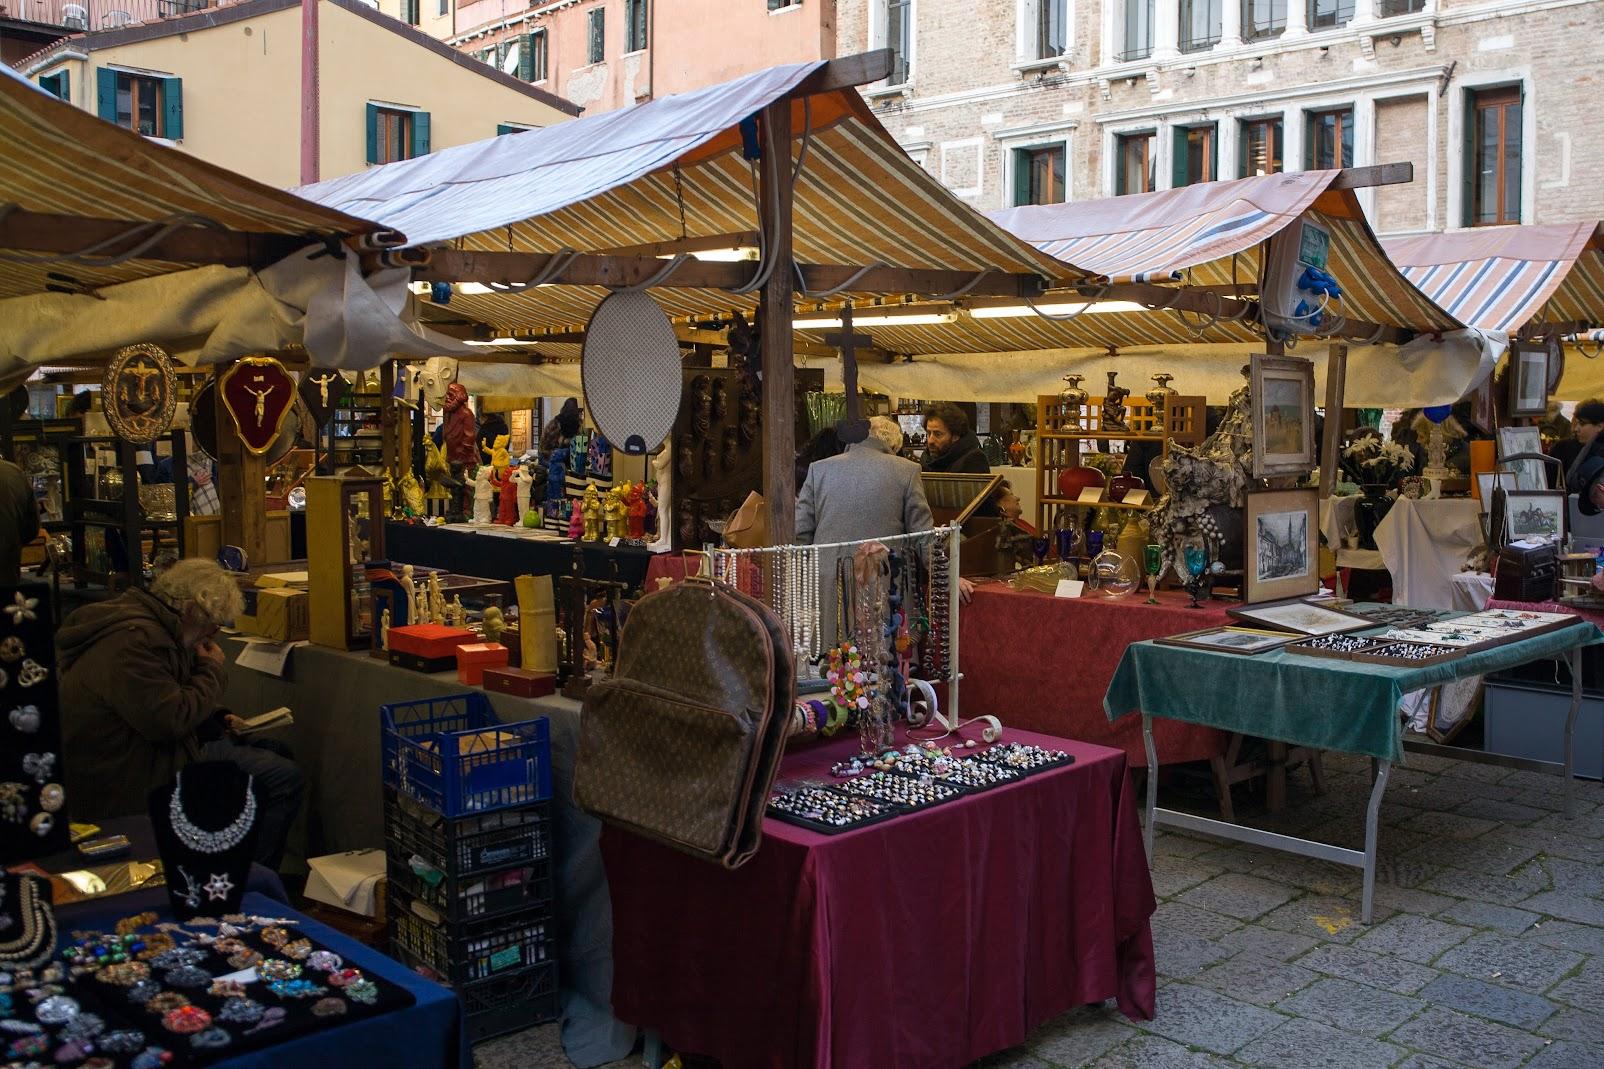 Венеция. Россыпь крошек коломбы из Тоноло и просекко на могиле Вайля